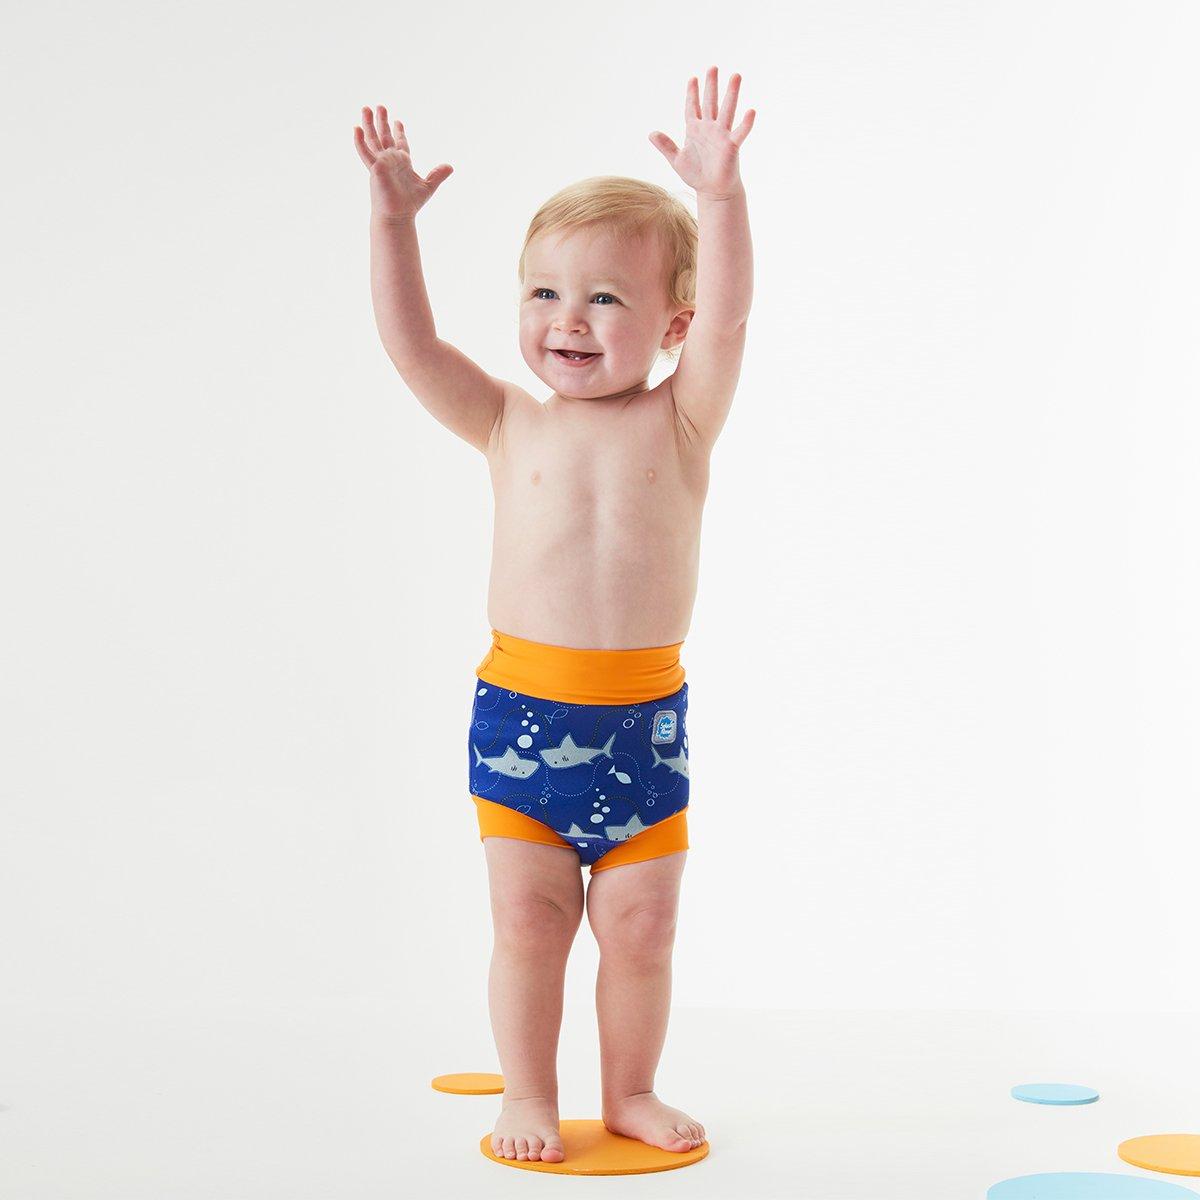 6-14 Months Surfs Up, Large Splash About Kids Reusable Swim Happy Nappy